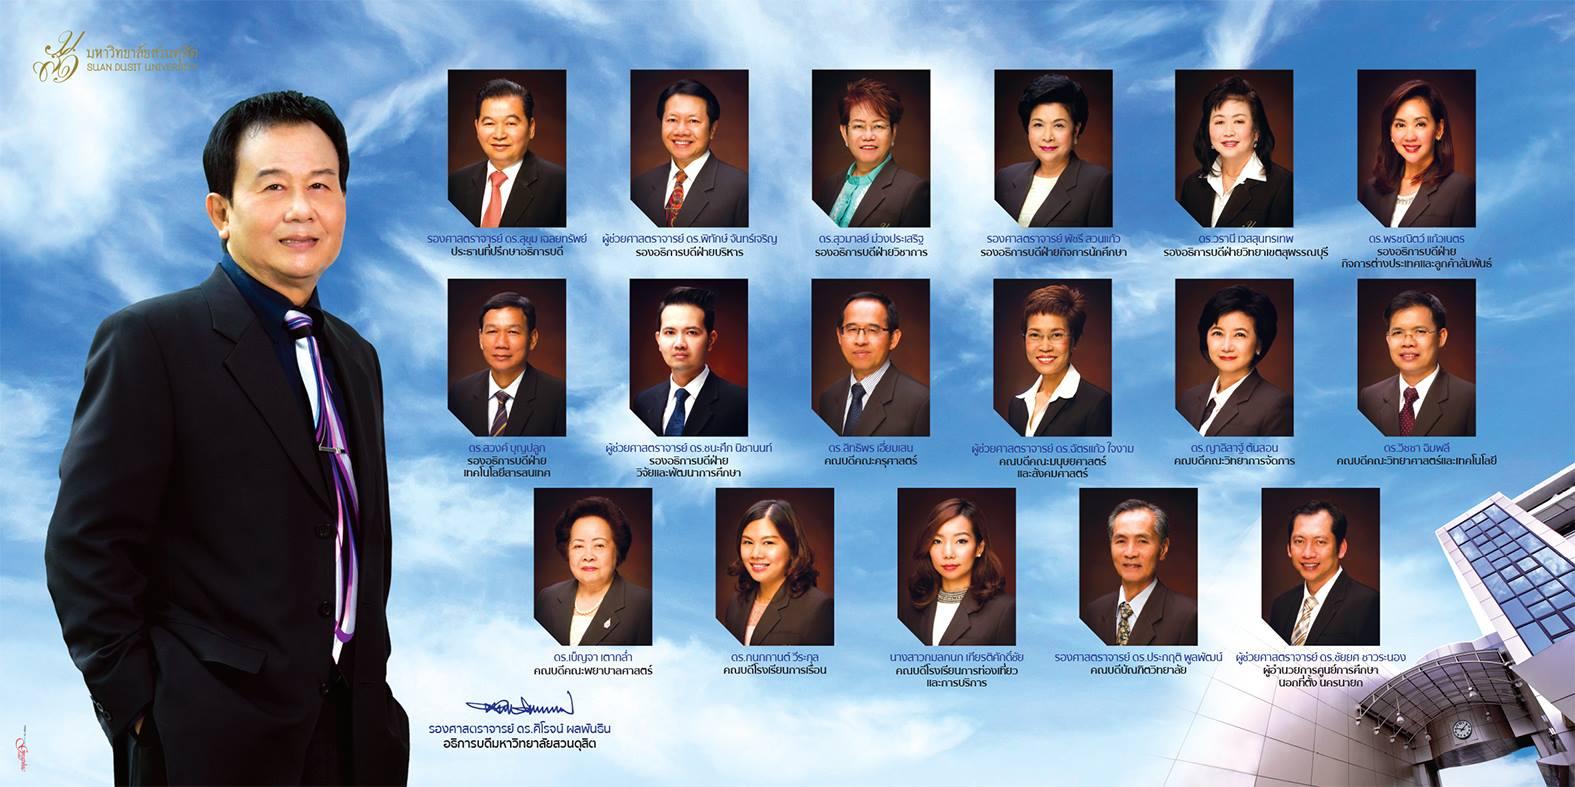 ผู้บริหาร อธิการบดี รองอธิการบดี ผู้อำนวยการศูนย์การศึกษานอกสถานที่ตั้งนครนายก